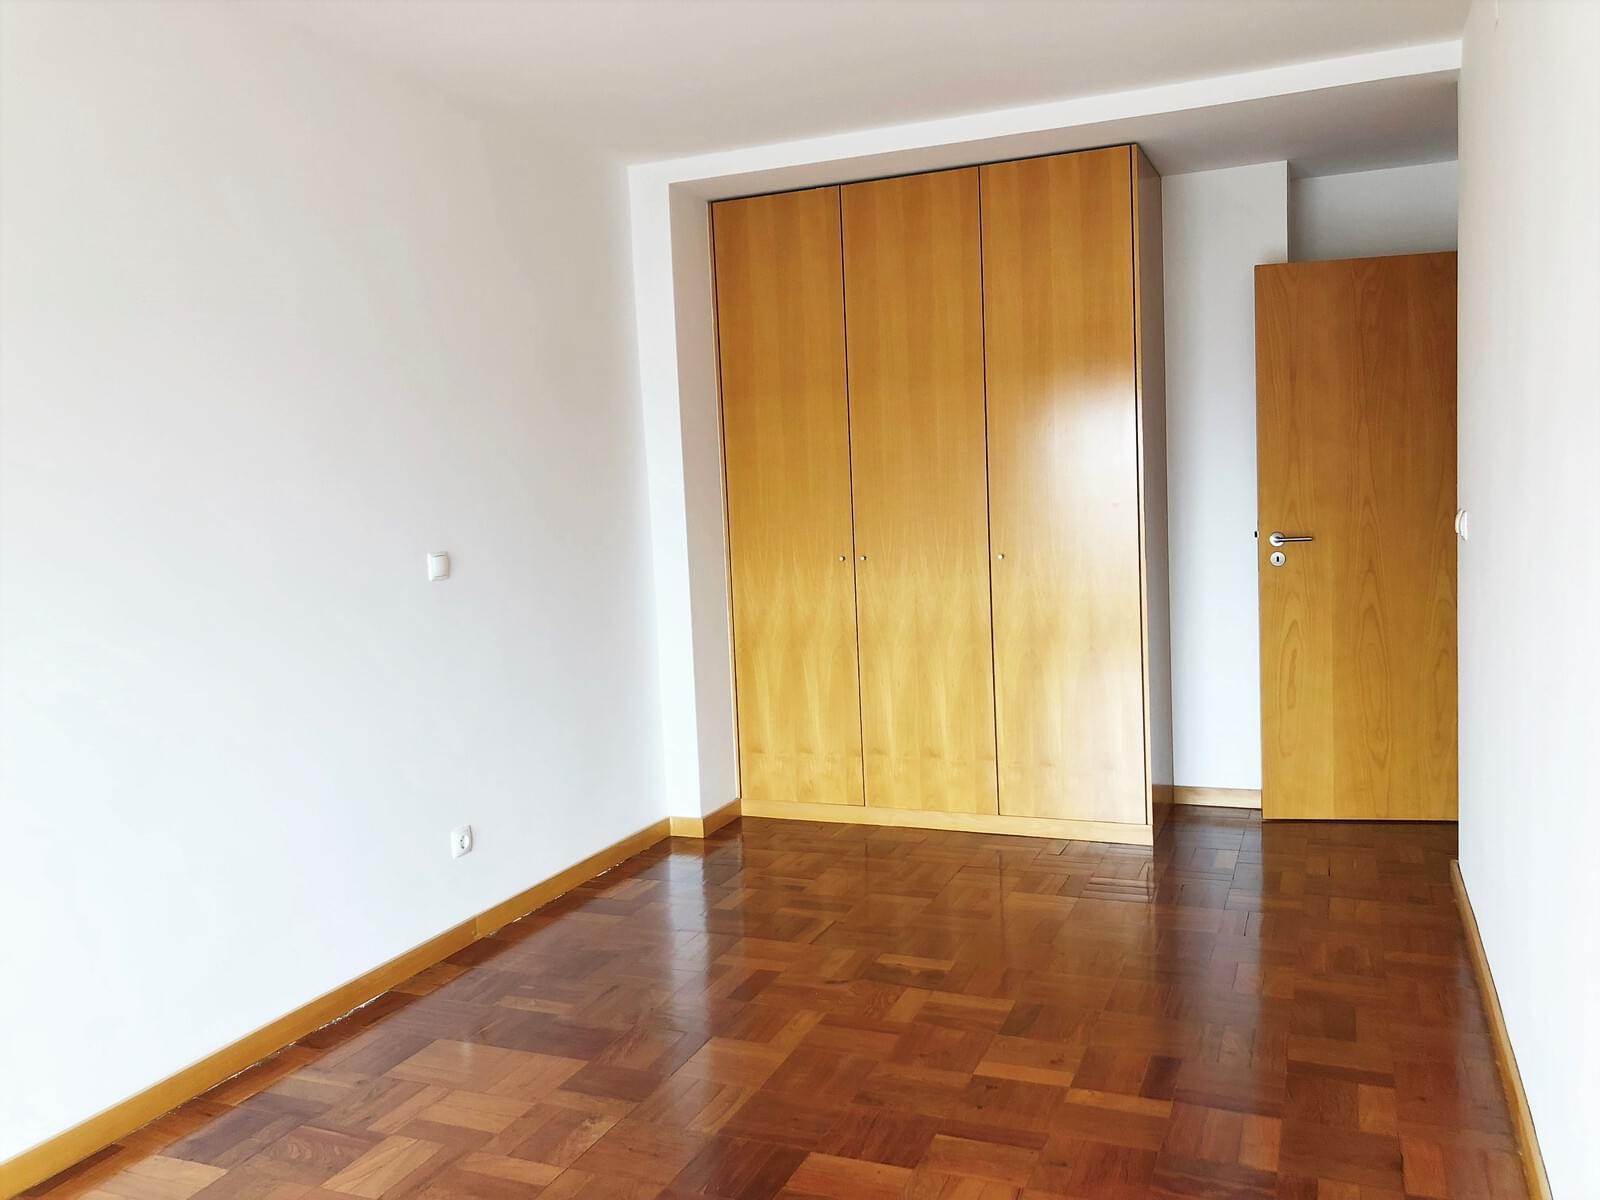 pf18040-apartamento-t3-lisboa-bf730bdd-8818-45f5-bc58-3cb875e408e7